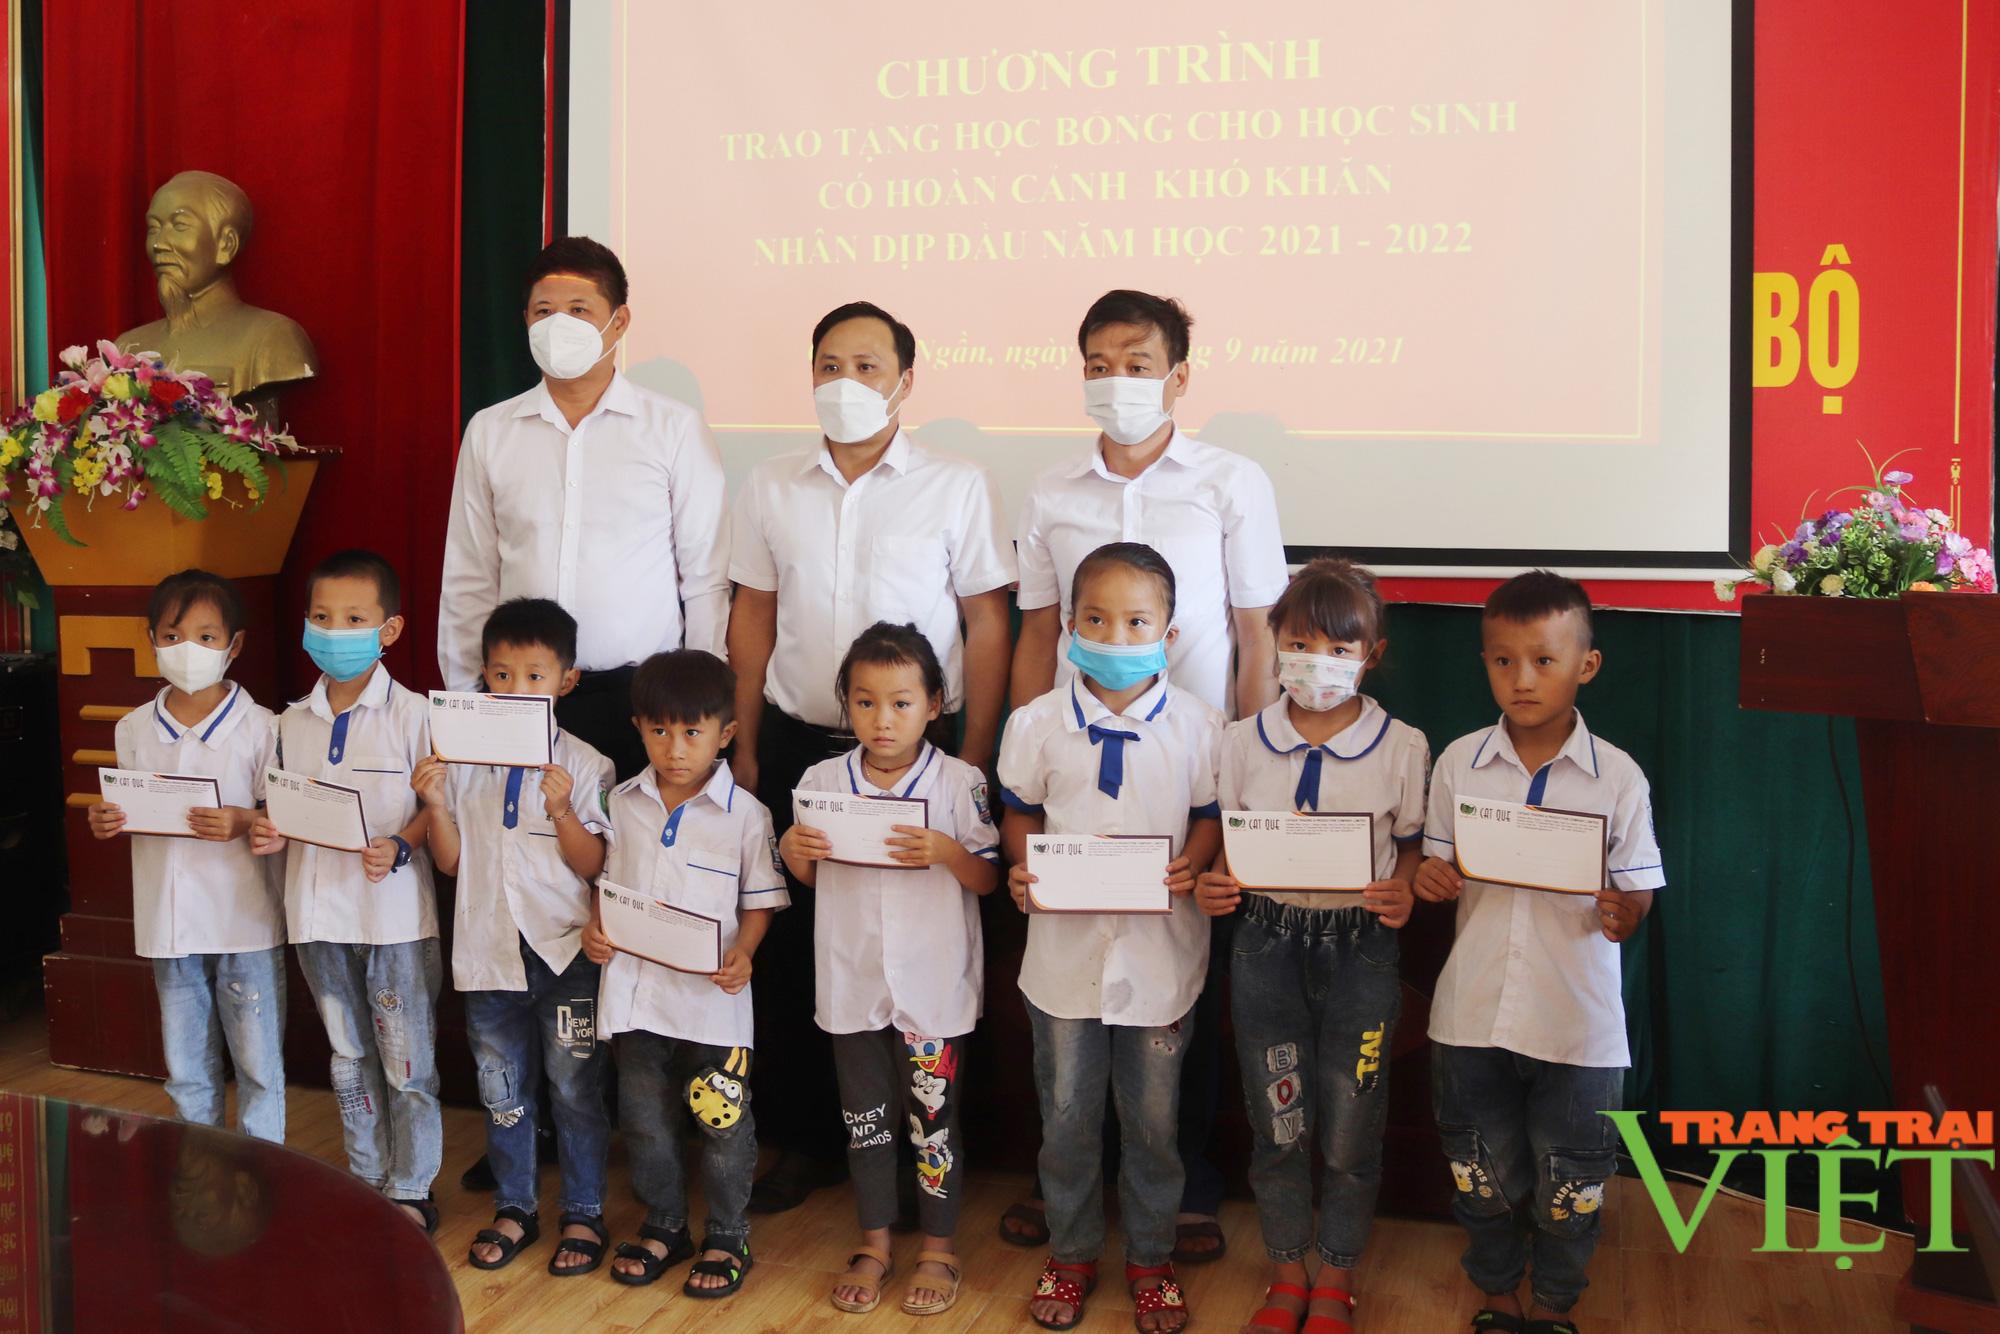 Sơn La: Trao 25 suất học bổng cho các em học sinh có hoàn cảnh khó khăn, vượt khó trong học tập - Ảnh 7.